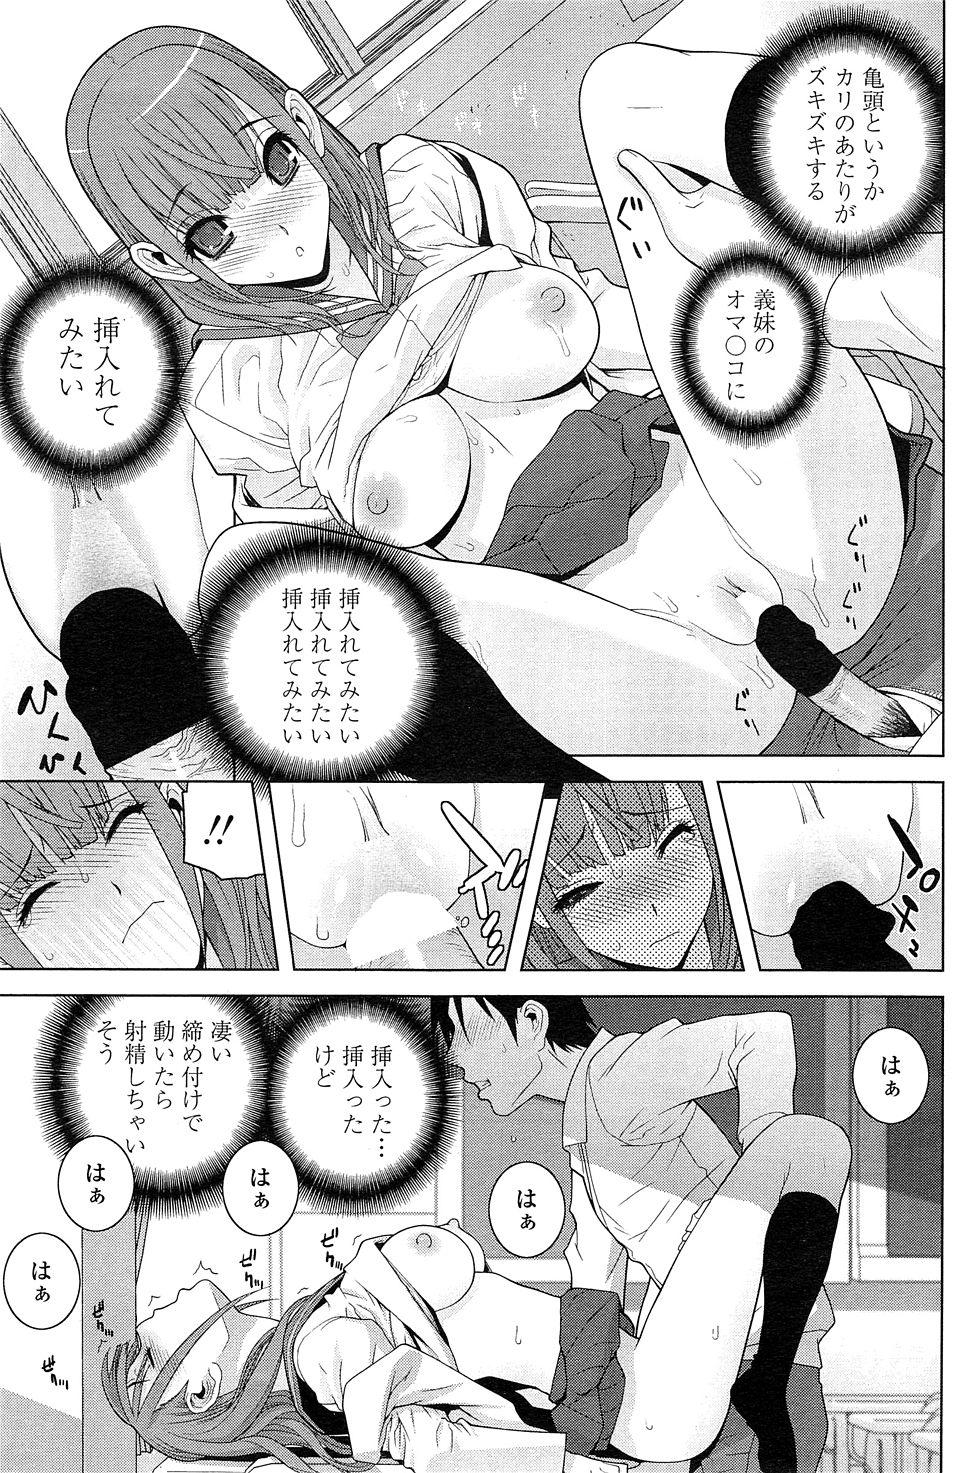 【エロ漫画・エロ同人】前から気になってた女子校生が義妹になってしゃべるようになり迫ったら受け入れられたから学校でエッチするようになったンゴwキスから始まり段々進んで遂に中出しセックスしちゃったwww (11)